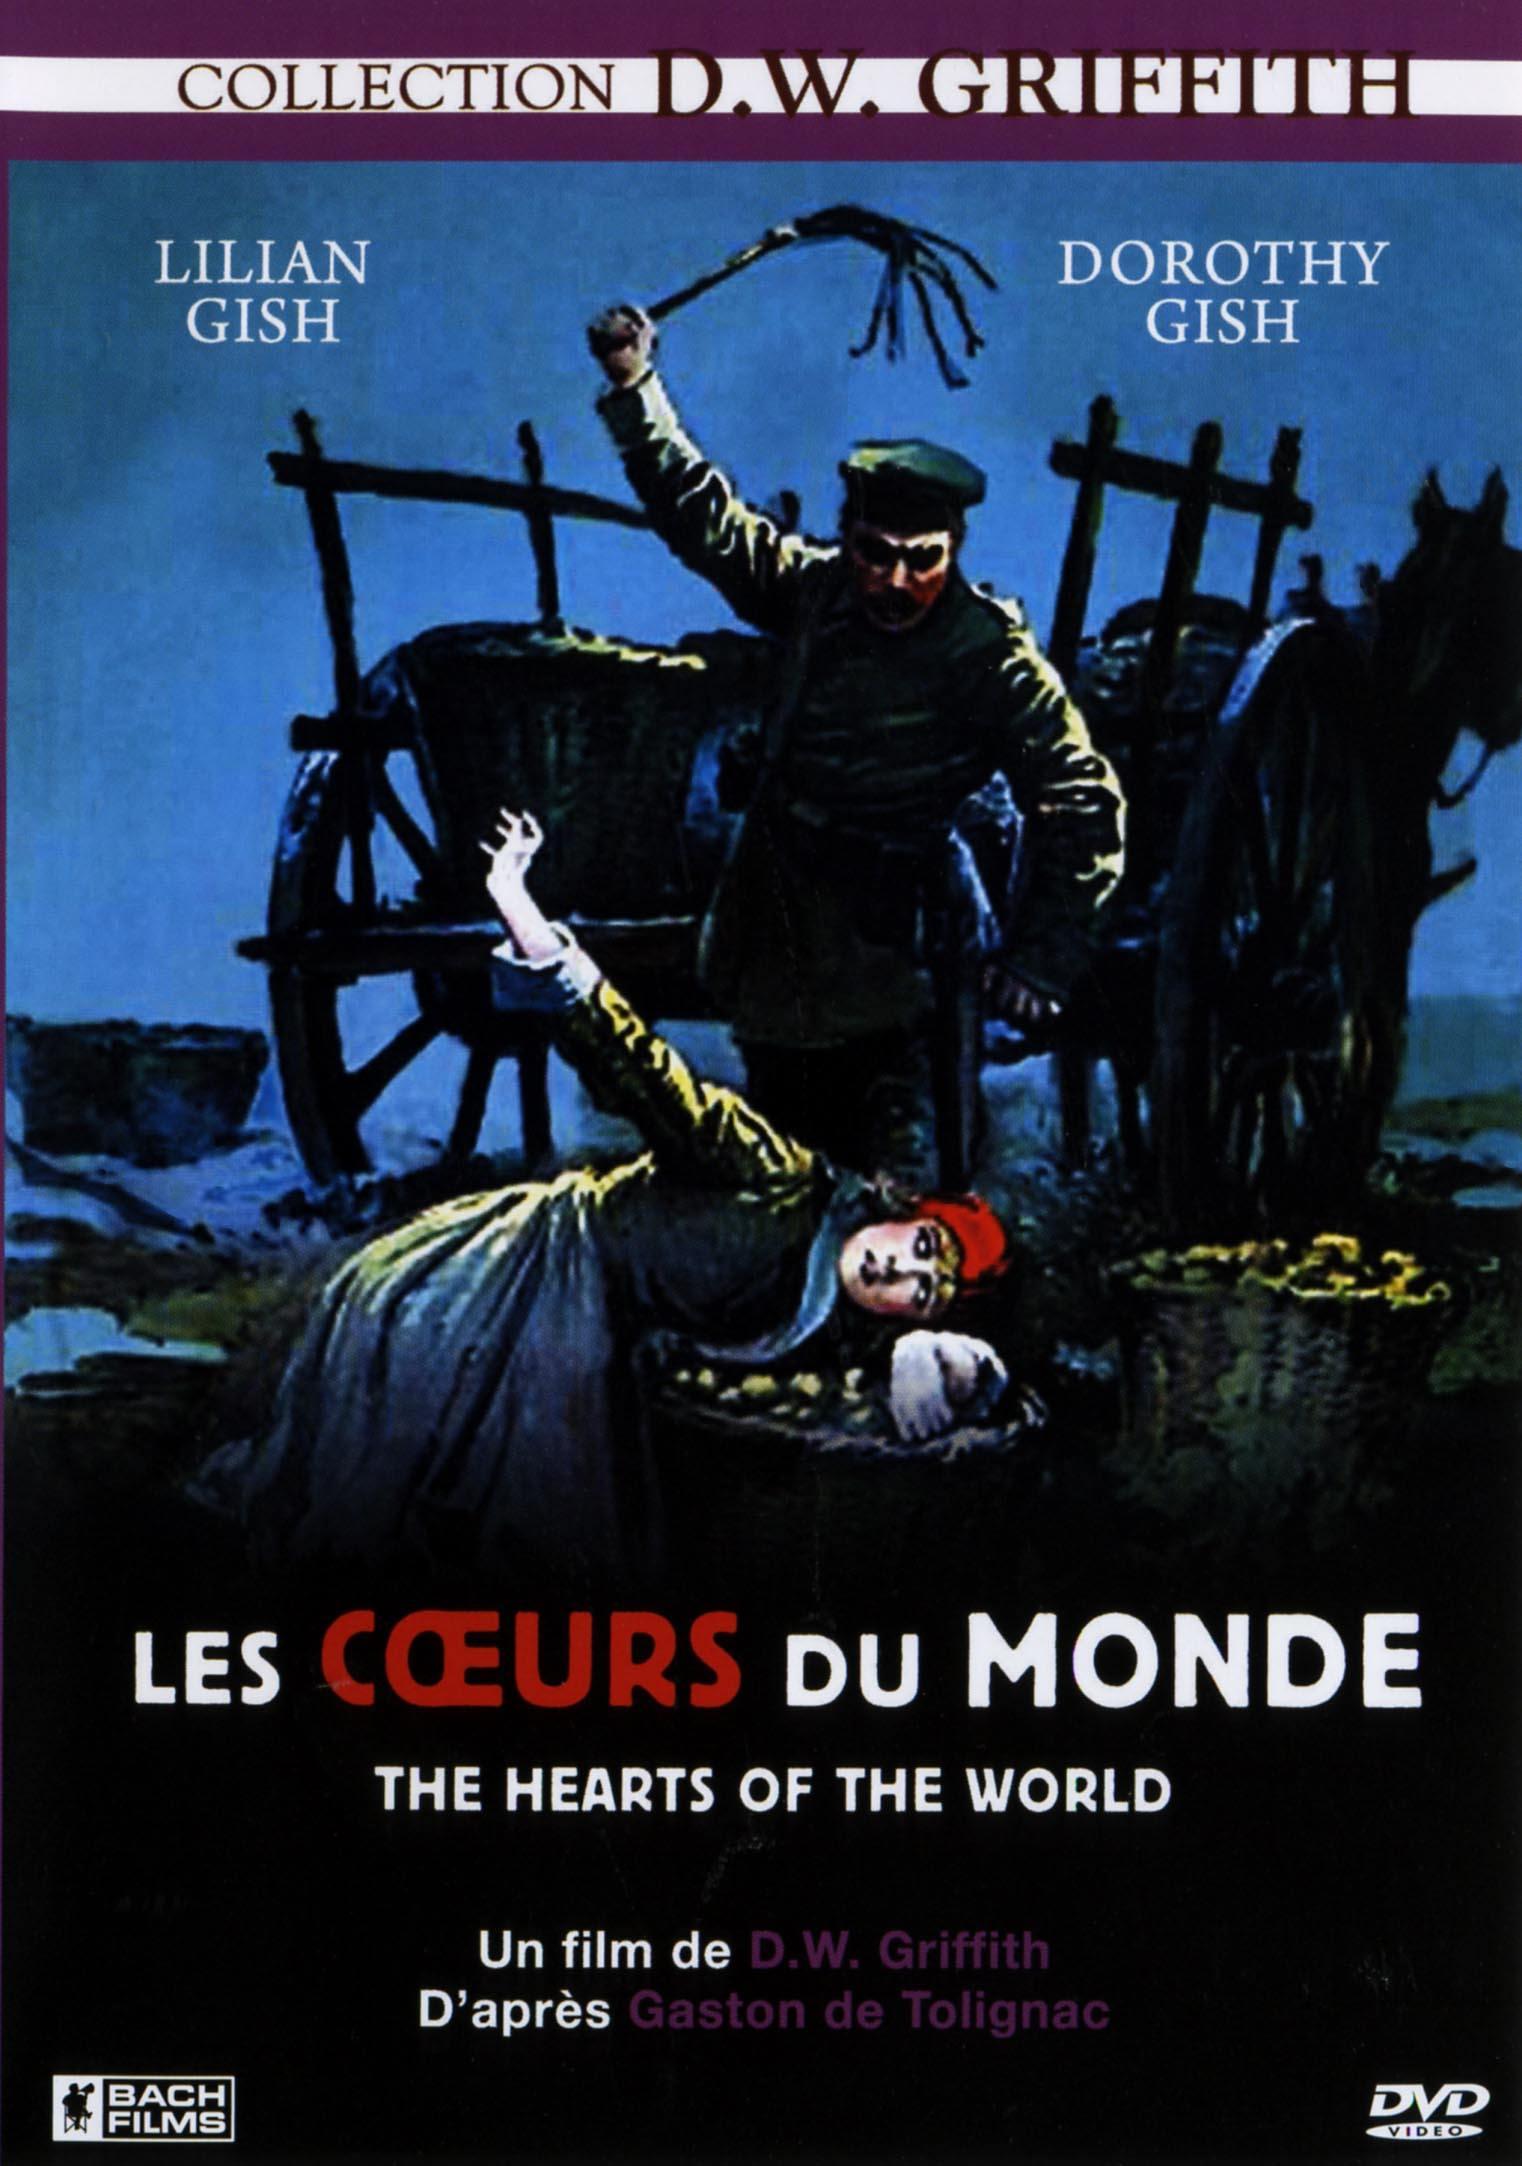 Les coeurs du monde - dvd